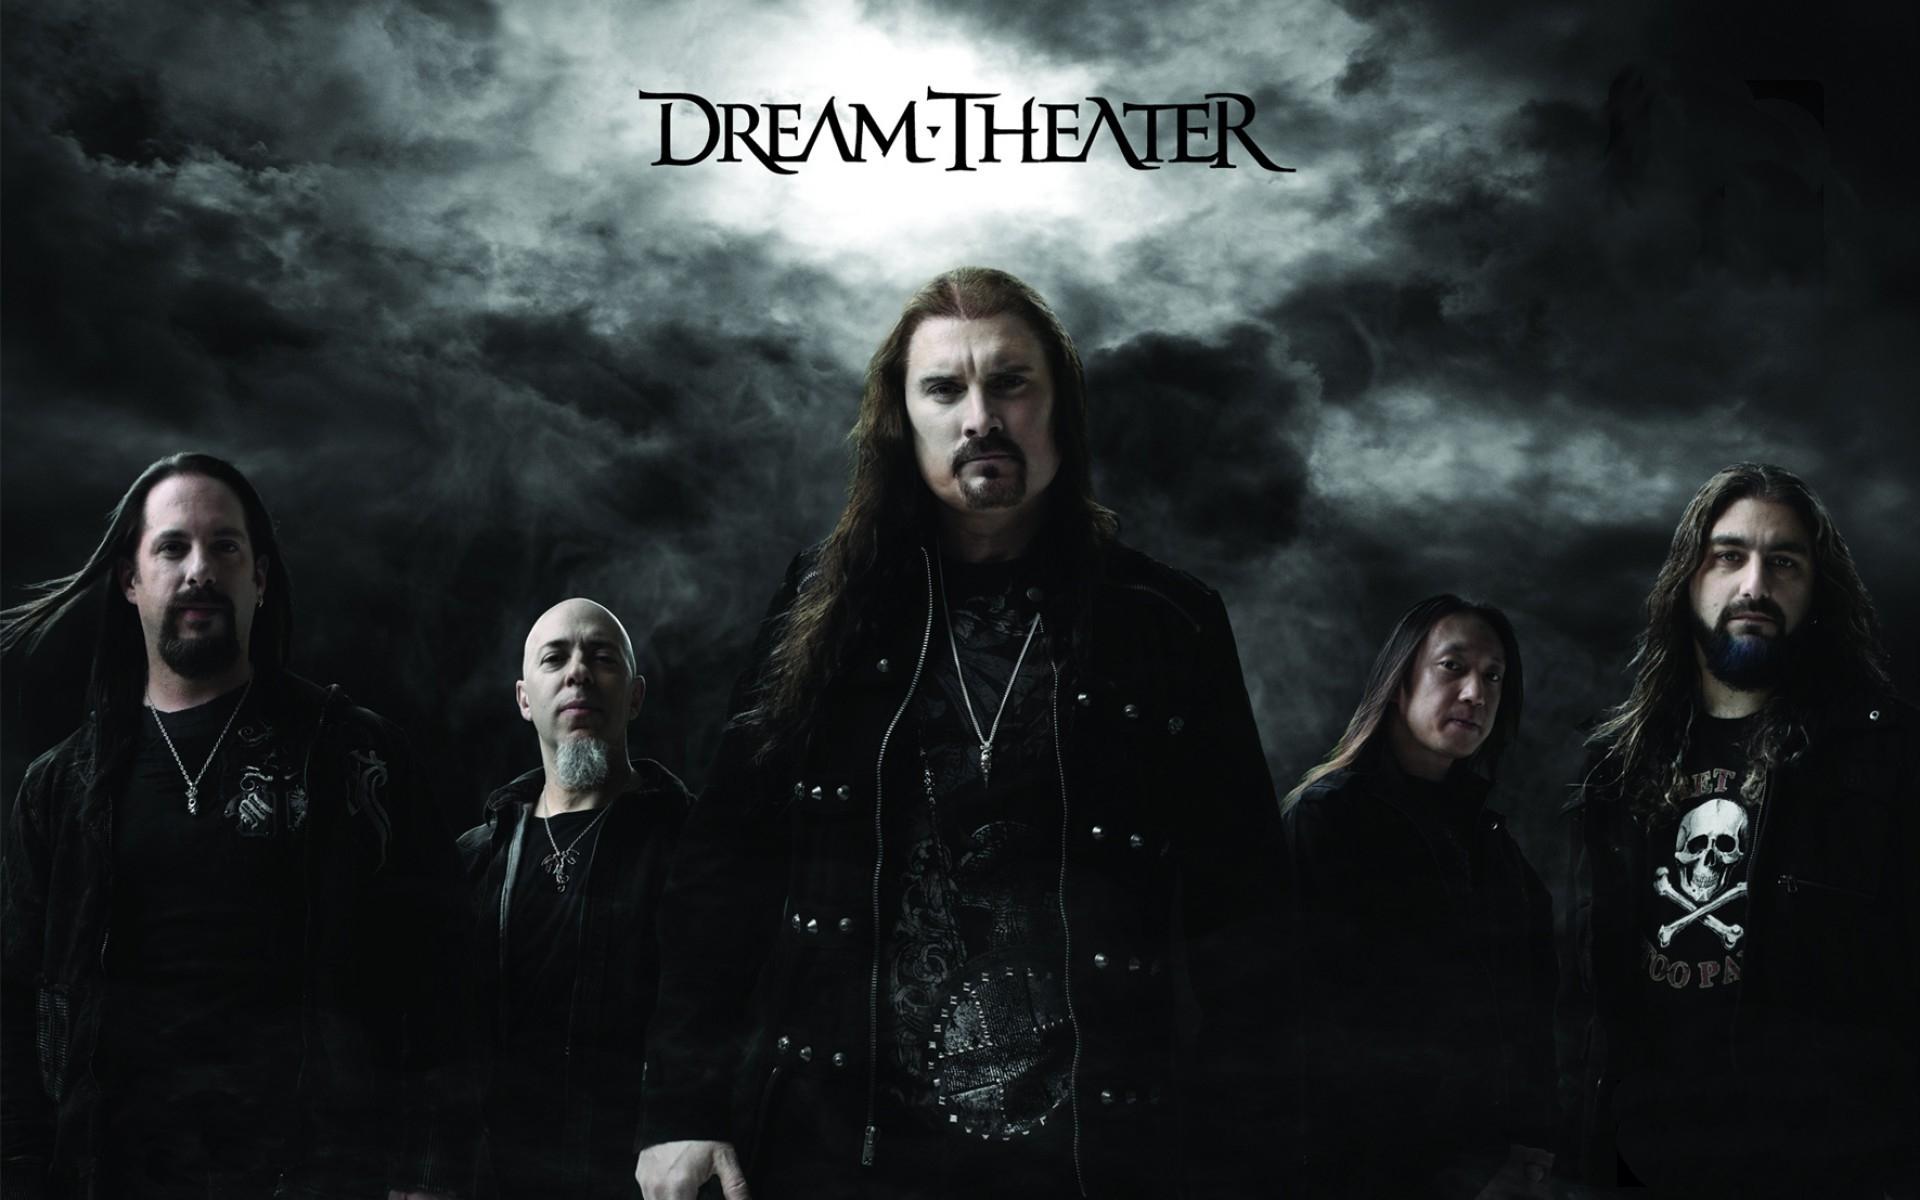 Music dream theater music bands wallpaper 1920x1200 13446 1920x1200